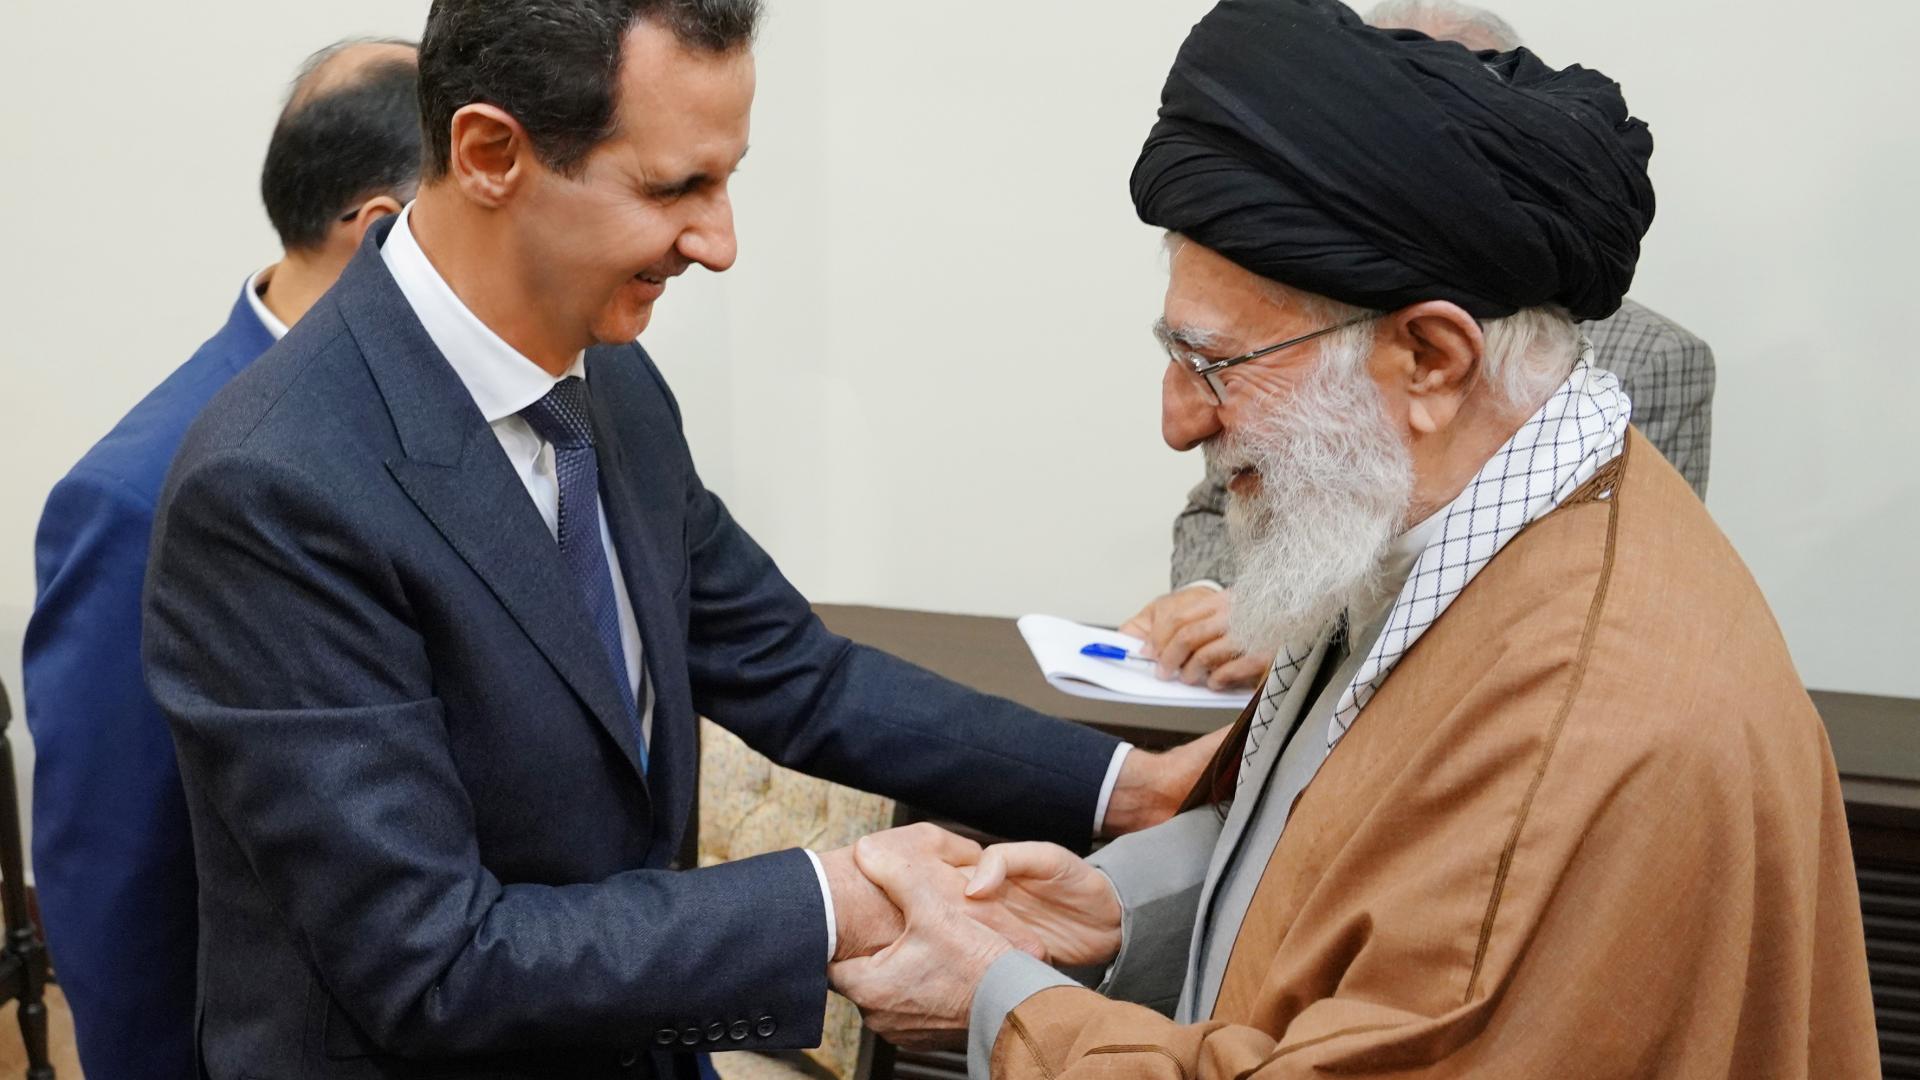 خارجية أمريكا تعلّق على صورة عناق رئيس سوريا بشار الأسد ومرشد إيران خامنئي